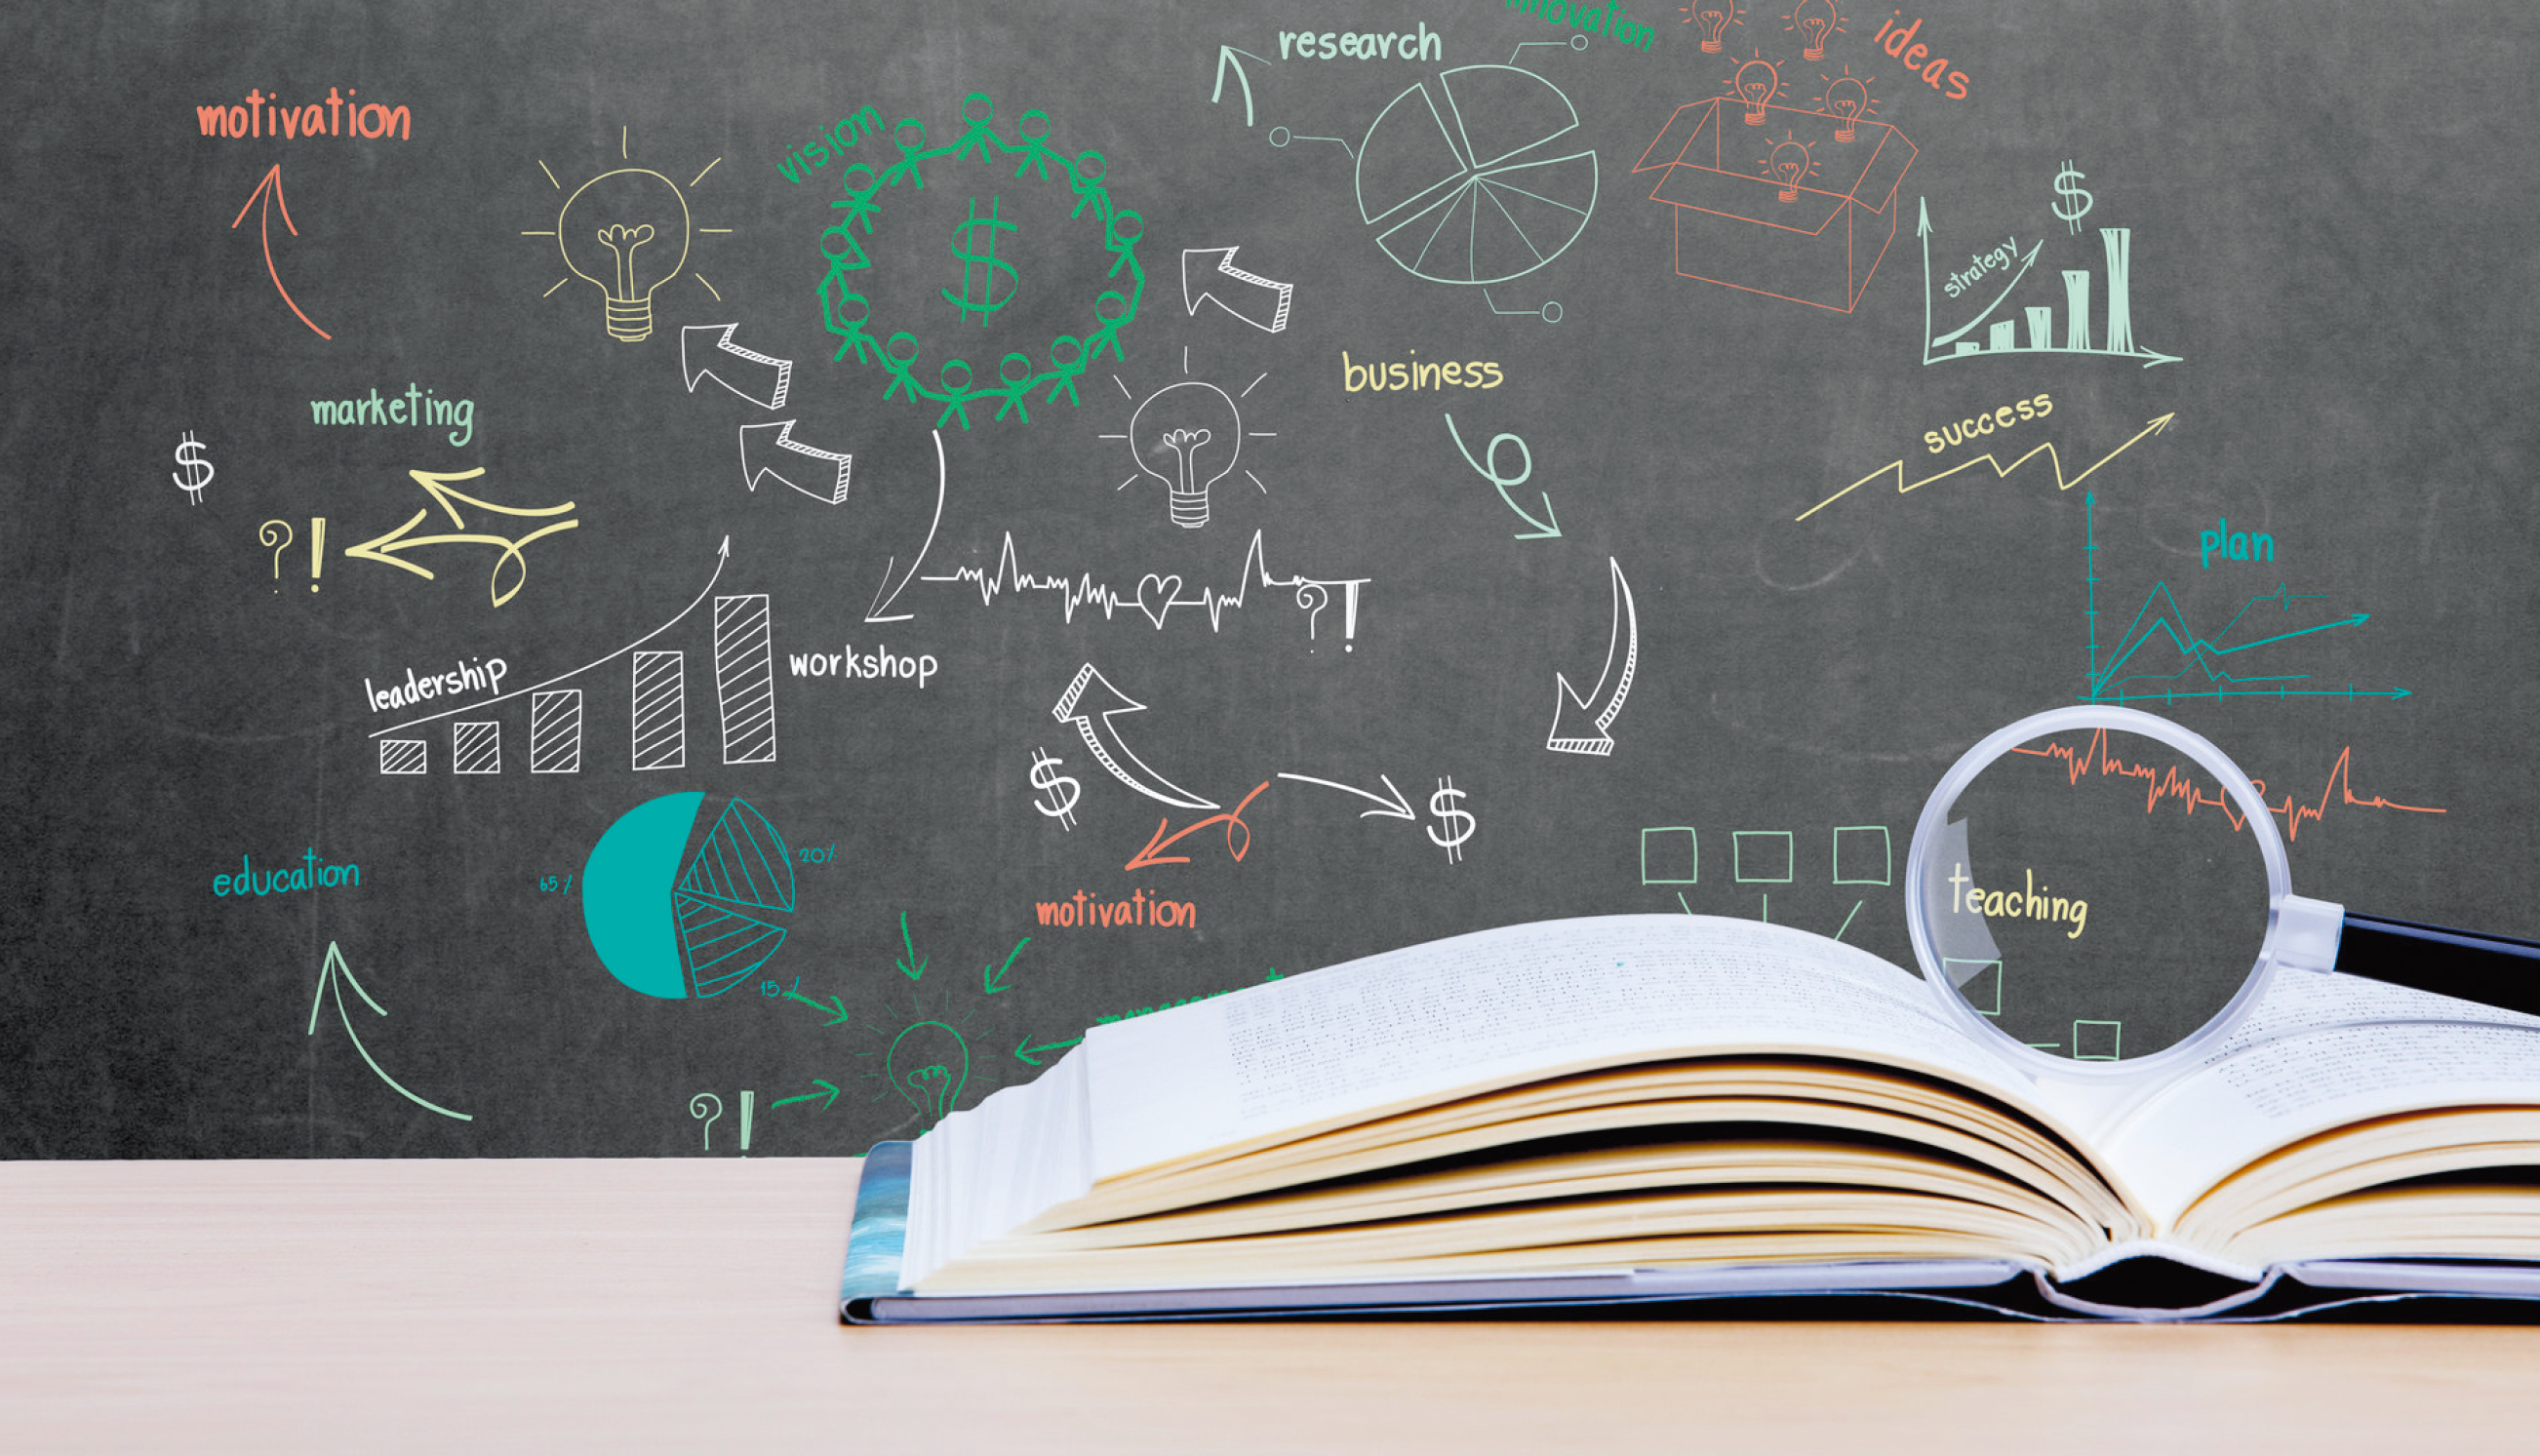 教師視角:有關資源運用的學問